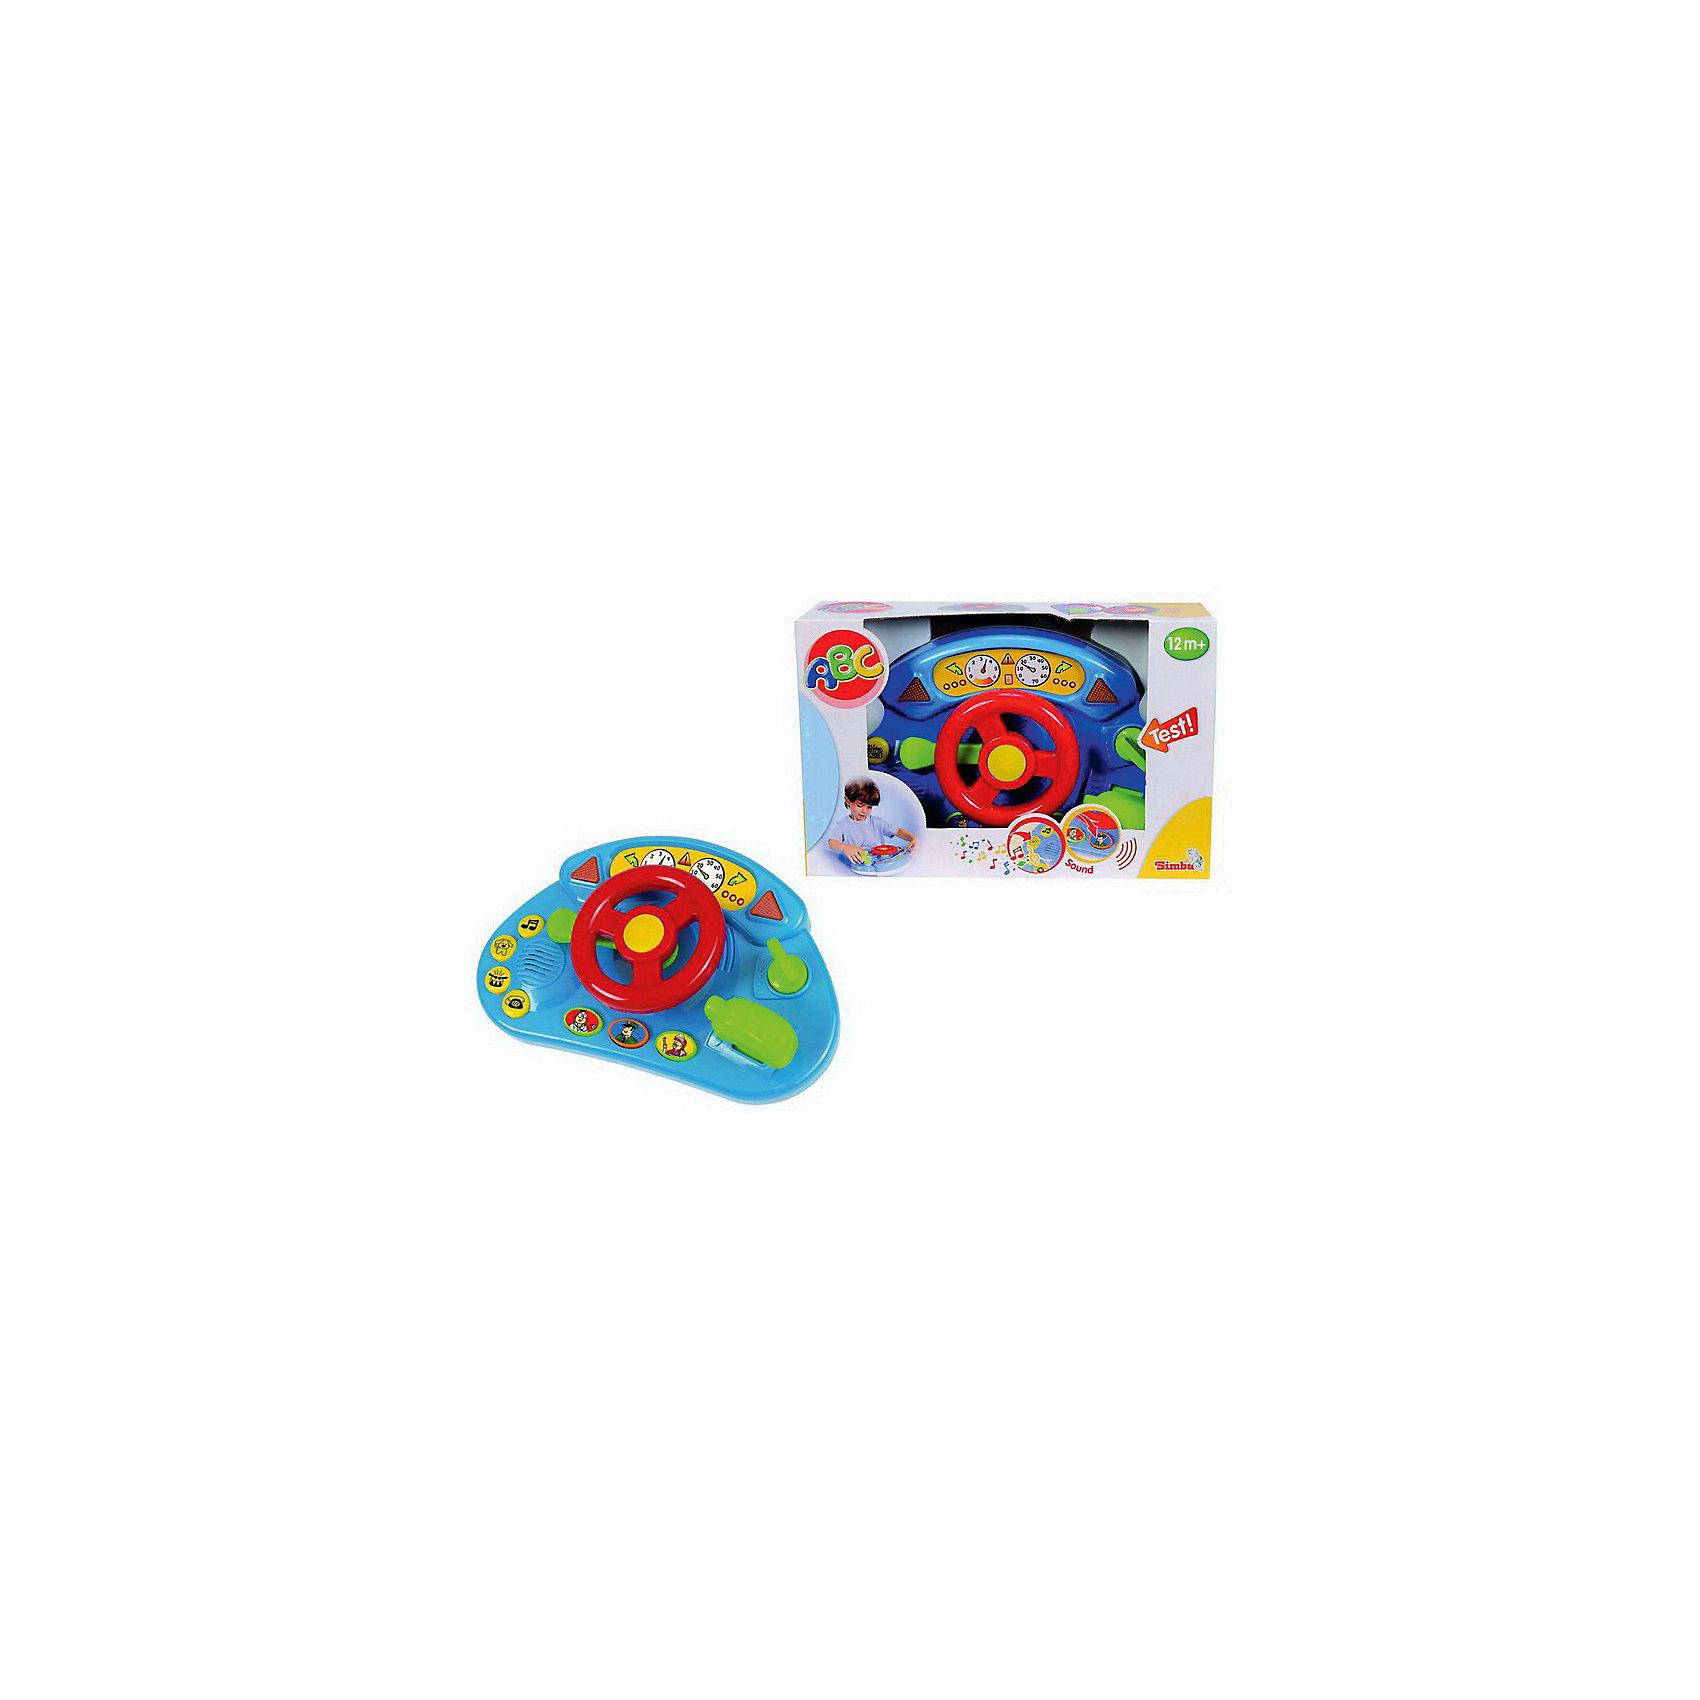 Simba Руль 28,5 см., свет, звукС Рулем от Simba малыш почувствует себя настоящим автогонщиком. В игрушке множество световых и звуковых эффектов. Если нажать на кнопки руля, они начинают светиться разноцветными огоньками, звучат веселые мелодии и различные автомобильные звуки. Помимо непосредственно руля, в игрушке также есть переключатель поворотов и ручка переключения передач.<br><br>Дополнительная информация:<br><br>-Размер игрушки:  28,5 см<br>-Размер упаковки: 31 х 10 х 20 см. <br>-Вес: 0,570 кг.<br>-Батарейки 2х 1.5V LR6 (входят в комплект) <br>Развивающая игрушка Руль способствует развитию у ребенка мелкой моторики, слуха и координации движений. <br><br>Купить руль можно в нашем магазине<br><br>Ширина мм: 320<br>Глубина мм: 100<br>Высота мм: 200<br>Вес г: 547<br>Возраст от месяцев: 12<br>Возраст до месяцев: 36<br>Пол: Мужской<br>Возраст: Детский<br>SKU: 3246444